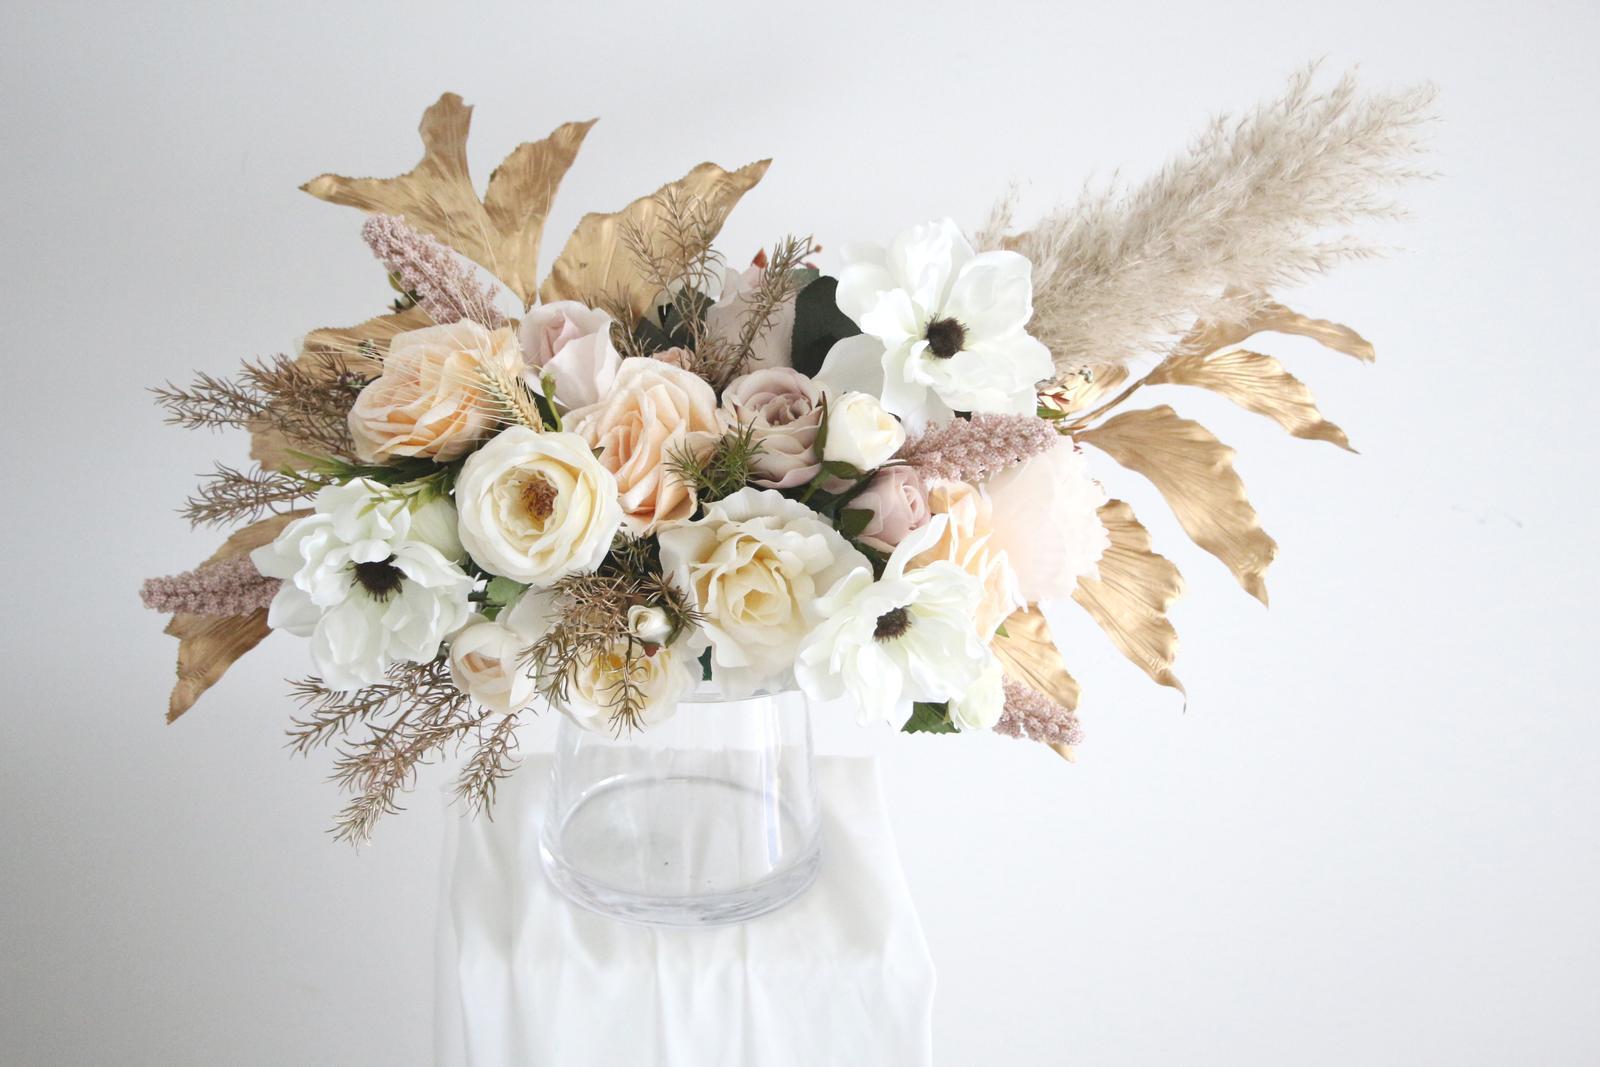 Kvetinové aranžovanie - Obrázok č. 1